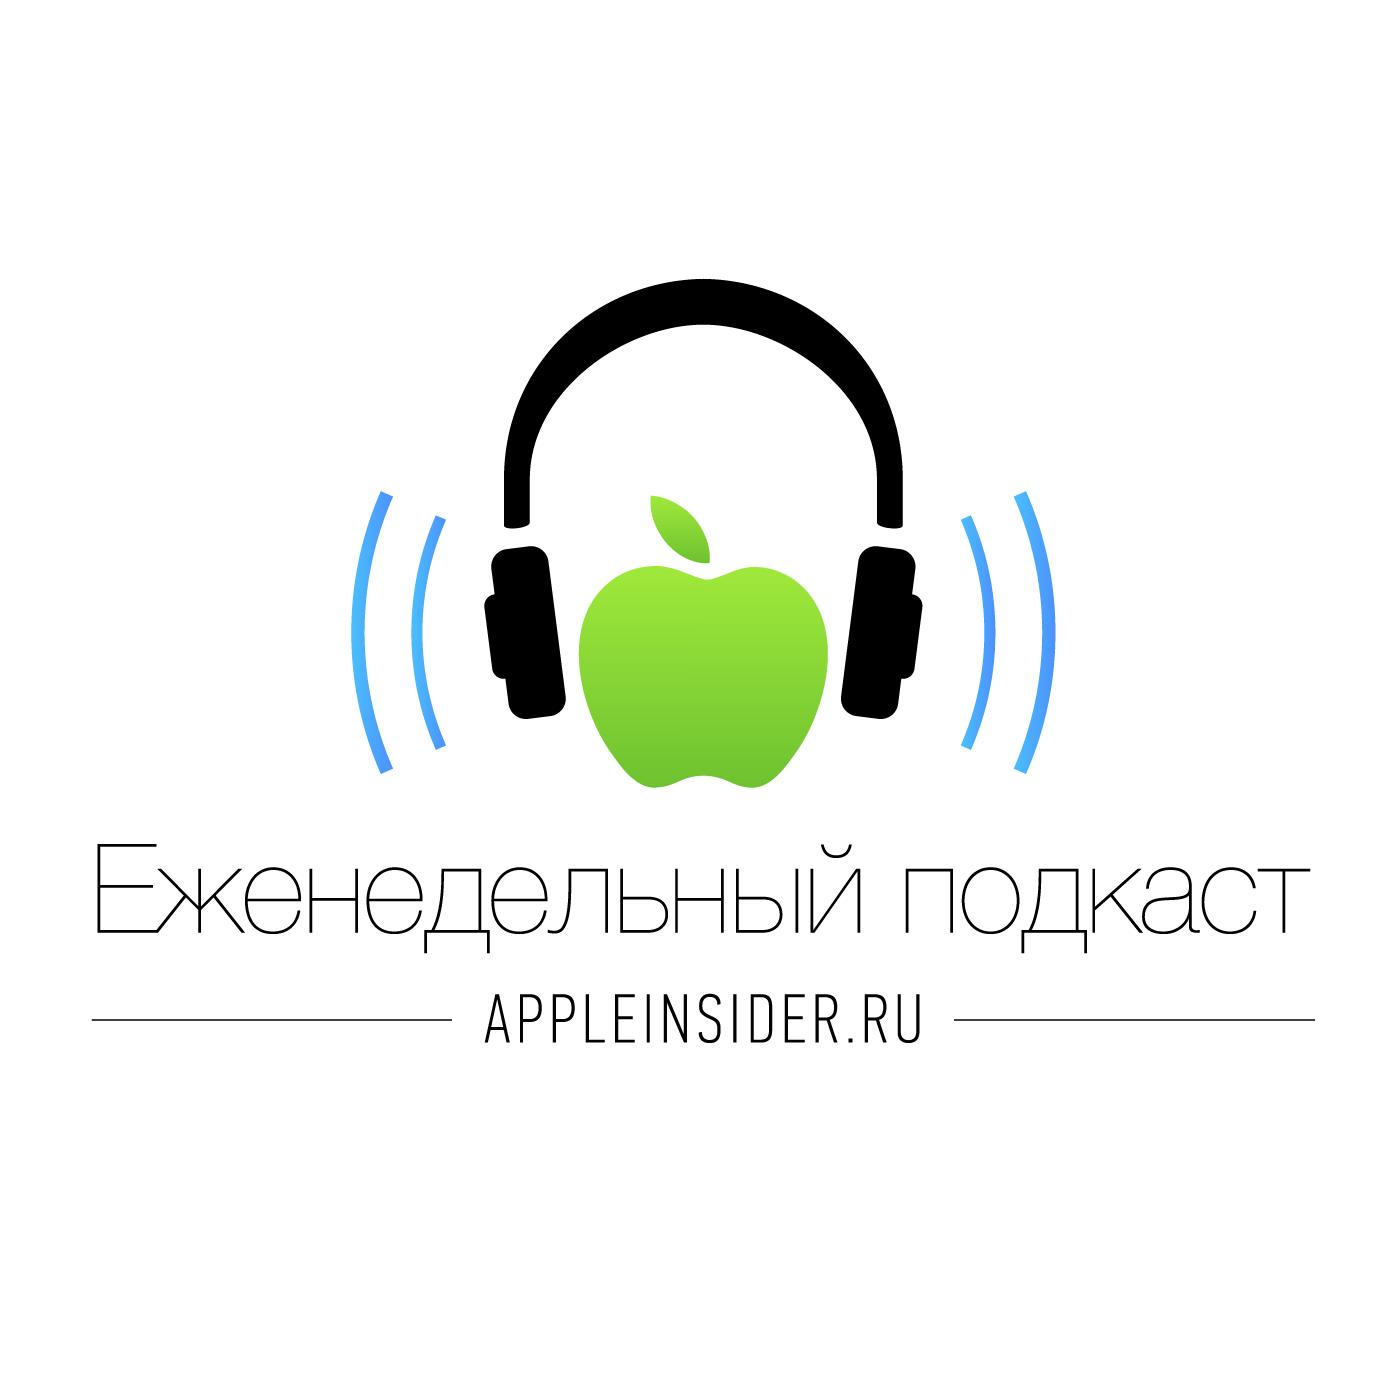 Миша Королев Apple хочет разорить конкурентов Apple Music миша королев почему apple не дает доступ к nfc в iphone